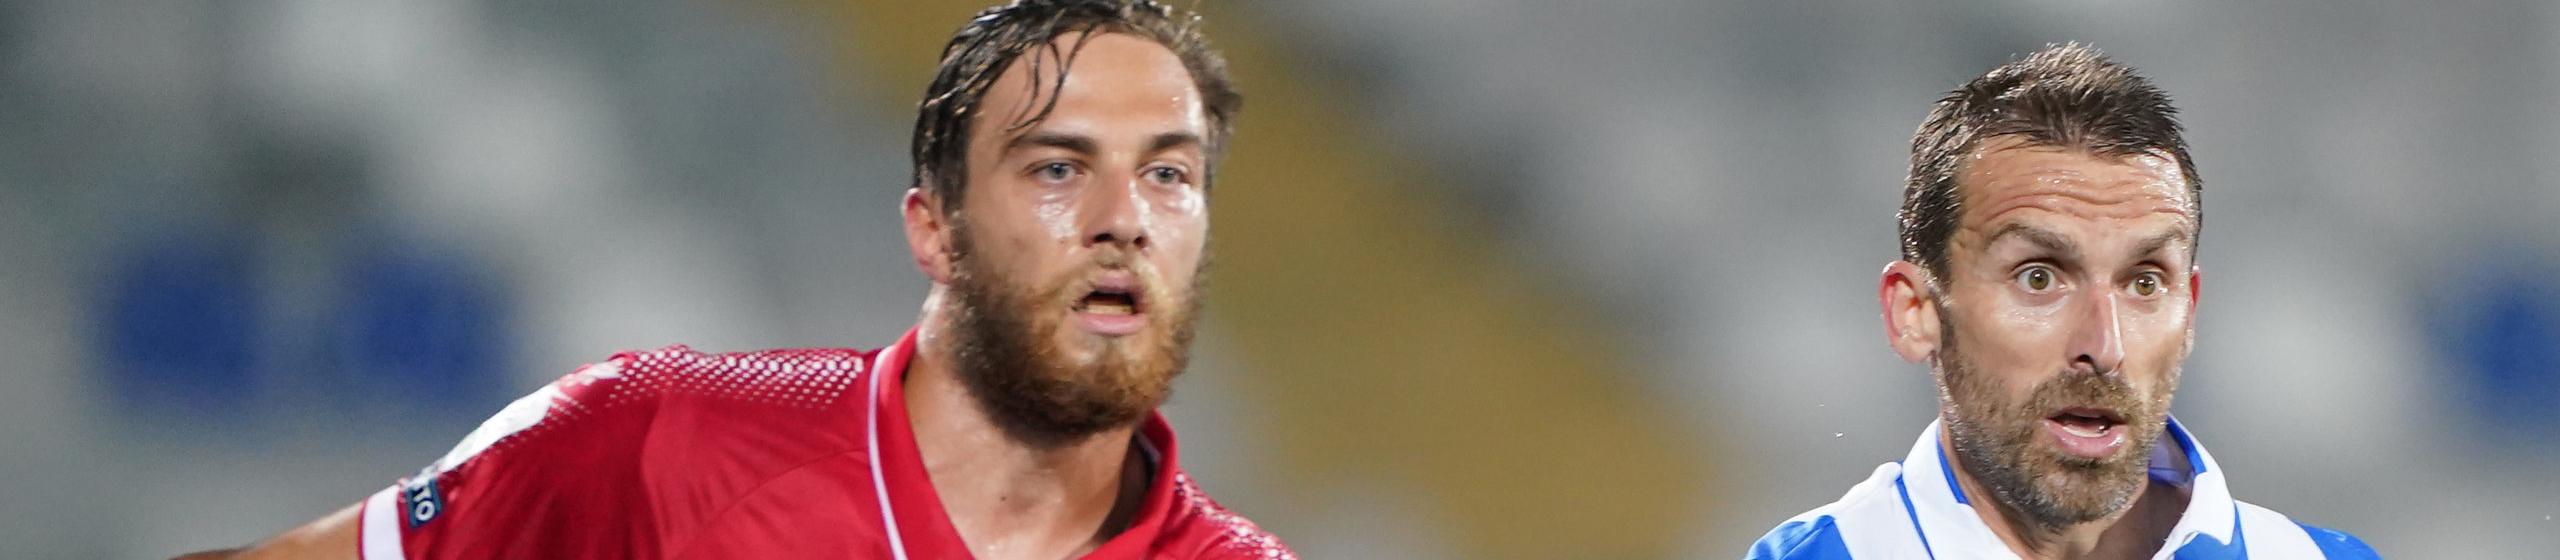 Perugia-Pescara, playout di Serie B: al Curi tutto può succedere